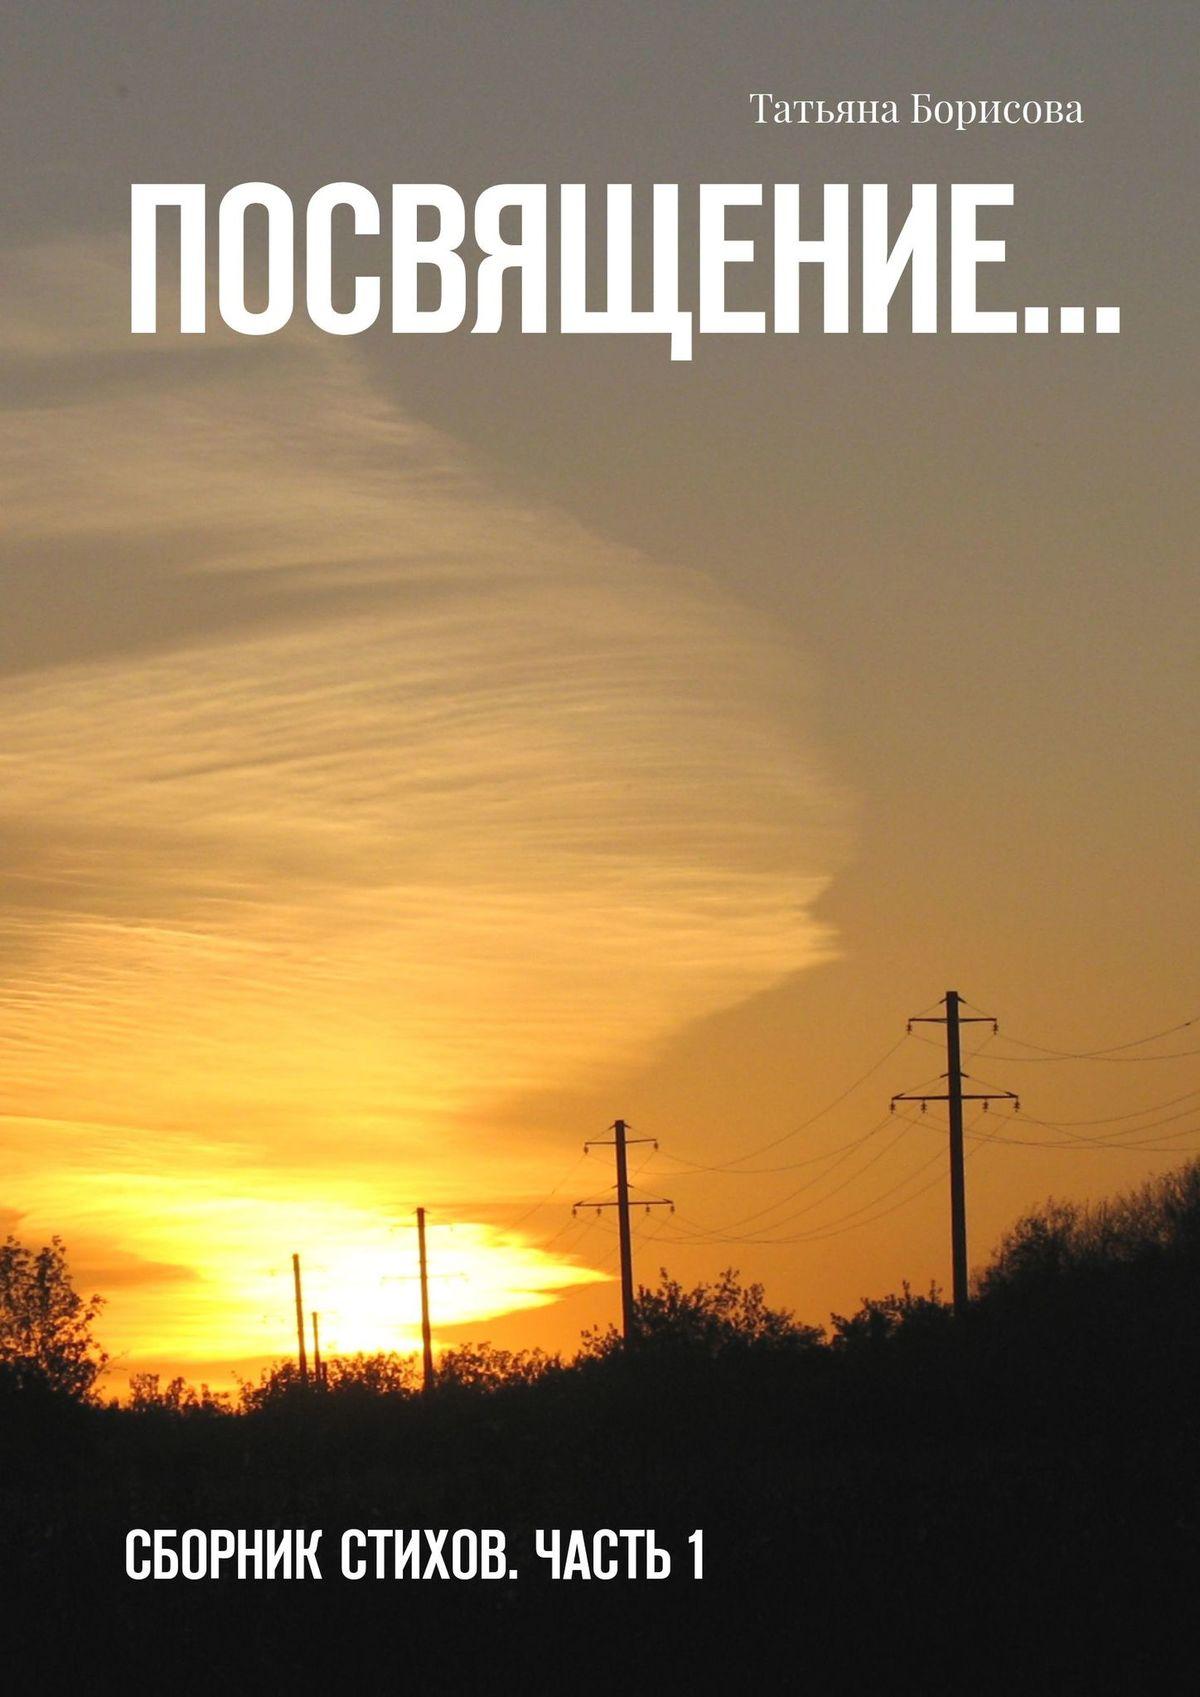 Татьяна Борисова Посвящение… Сборник стихов наталья лешукова исцеляюсь любовью сборник стихов